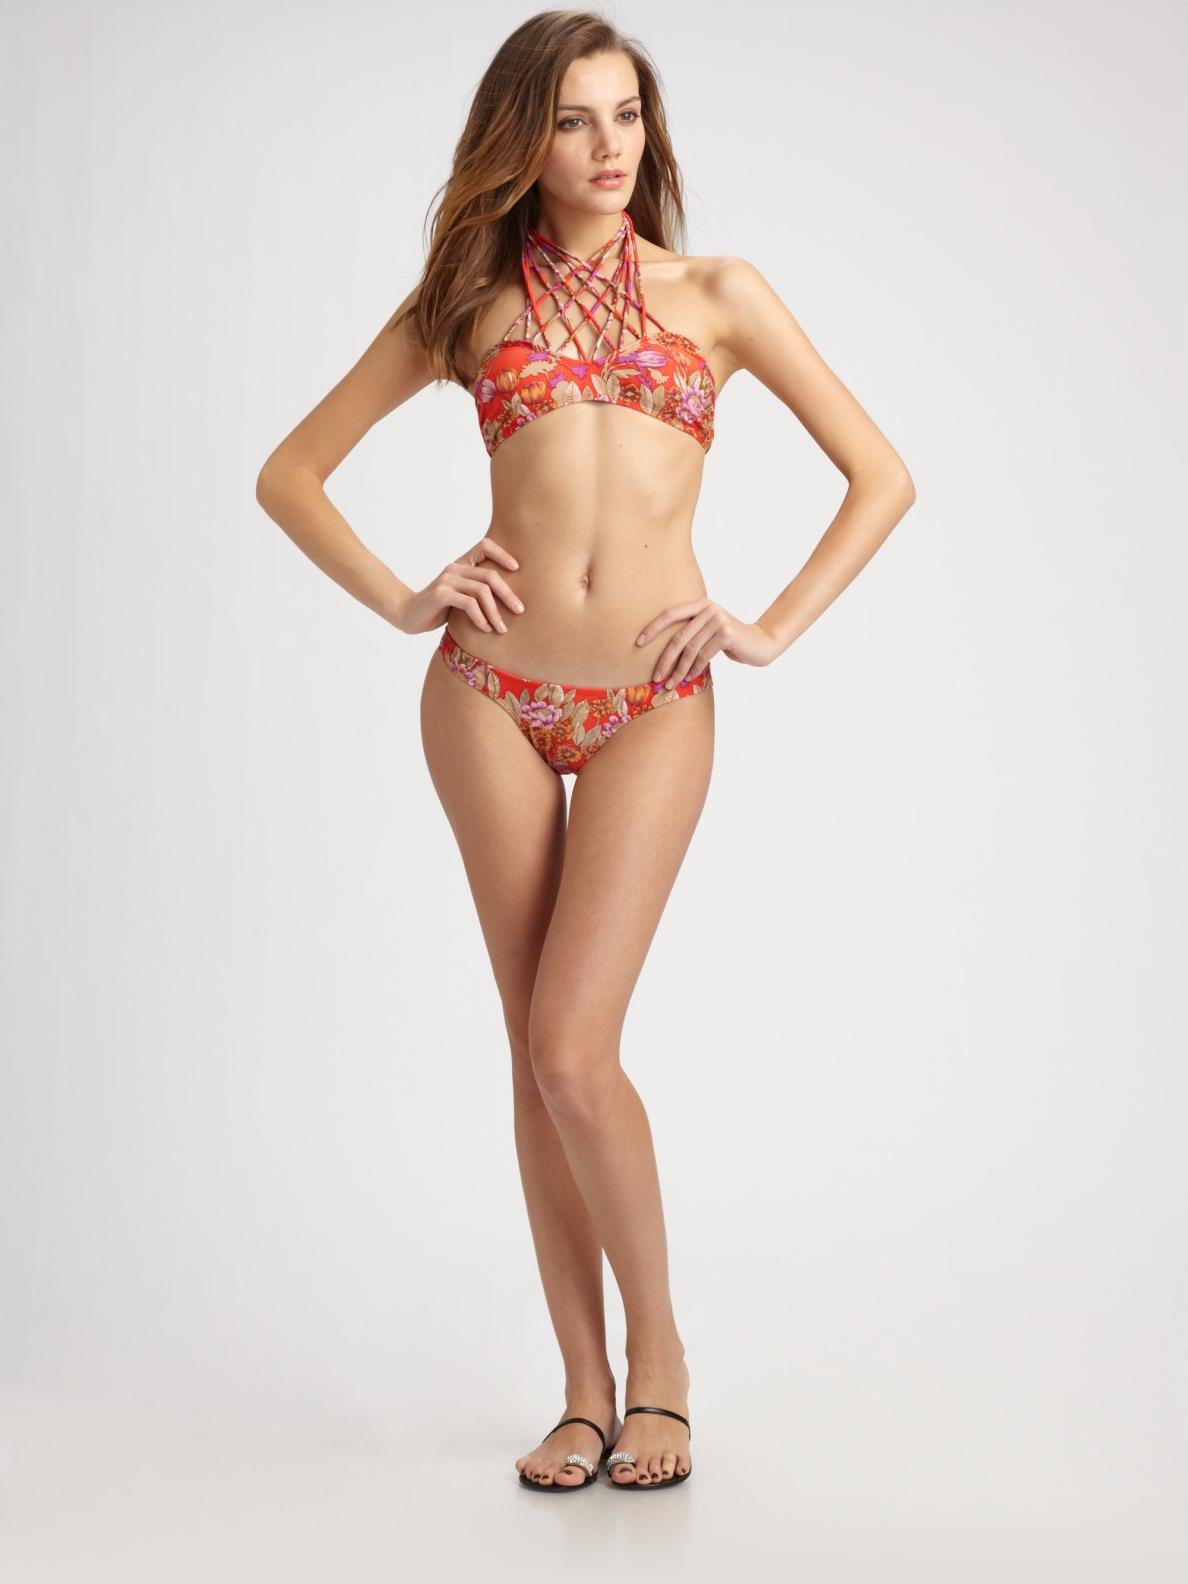 Hacked Simona Starkute nude (82 photos), Pussy, Hot, Twitter, in bikini 2018